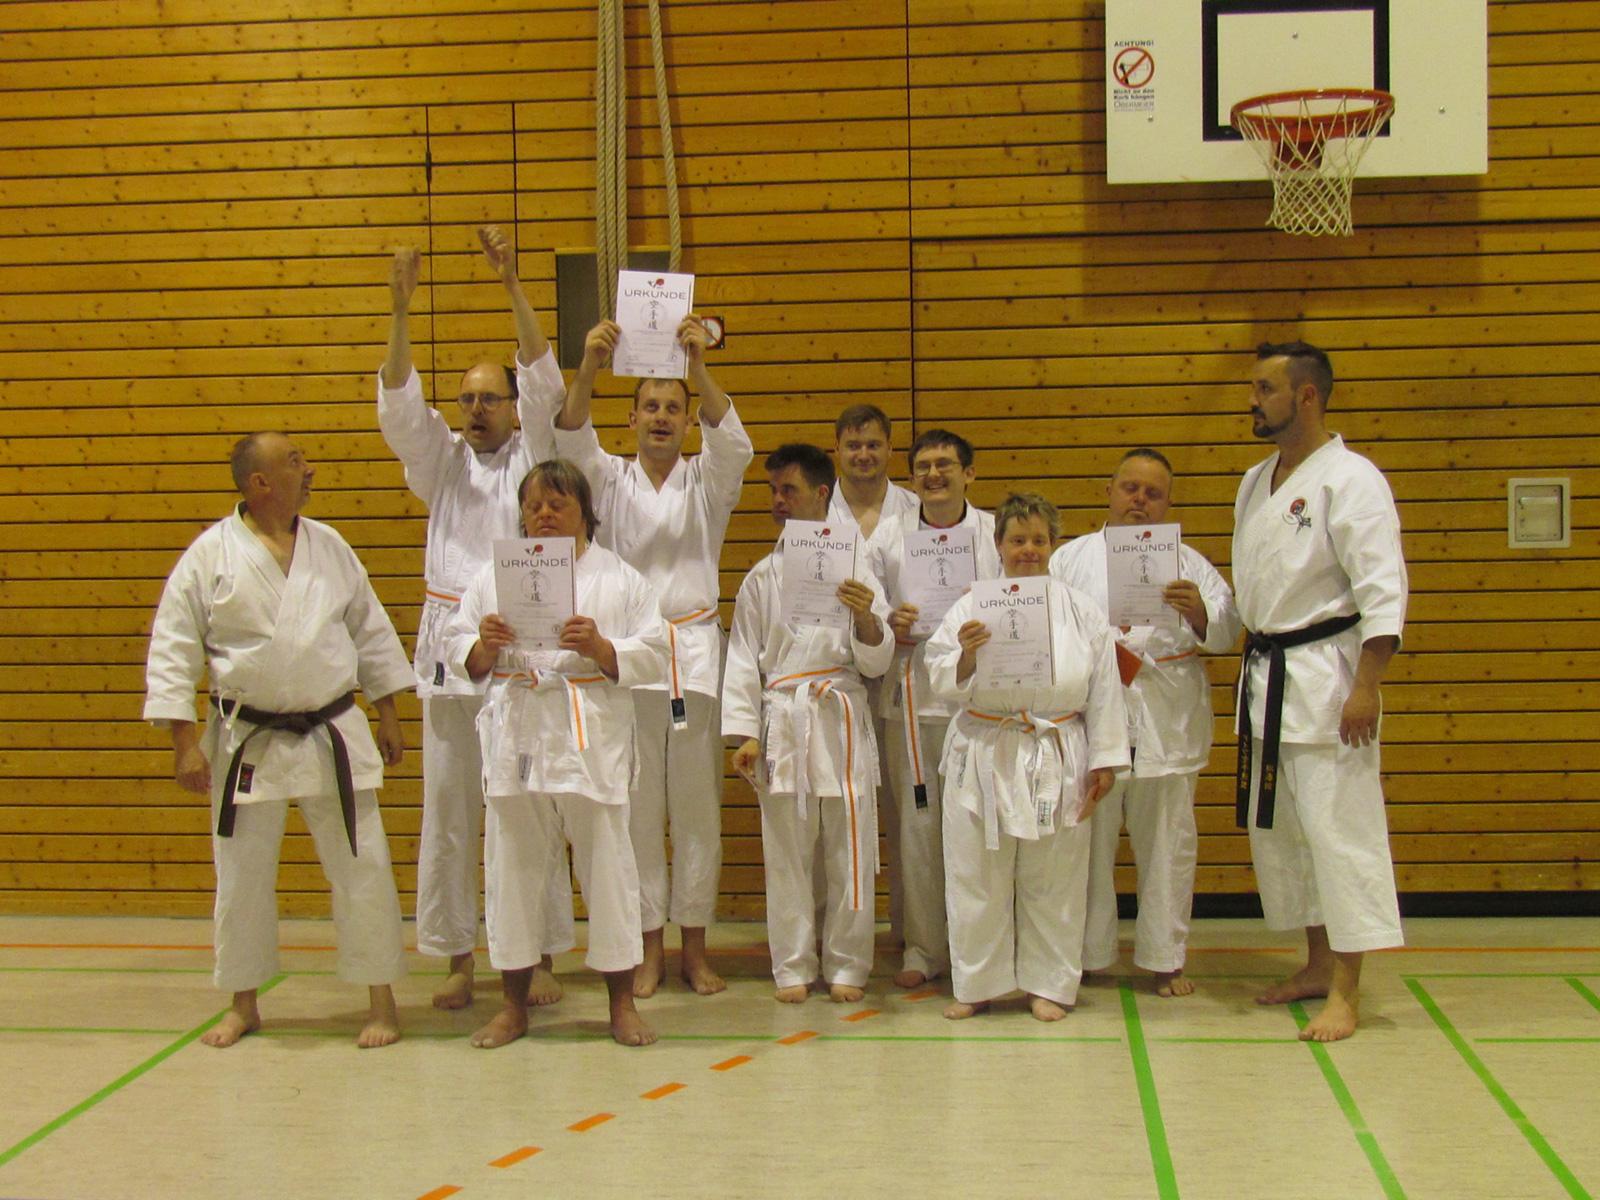 Stolz halten Norman Seidel, Roland Hofmann, Walter Philipp, Matthias Sitzmann, Heike Neumann, Jan Sommerer und Matthias Voit ihre Urkunden in die Kamera.